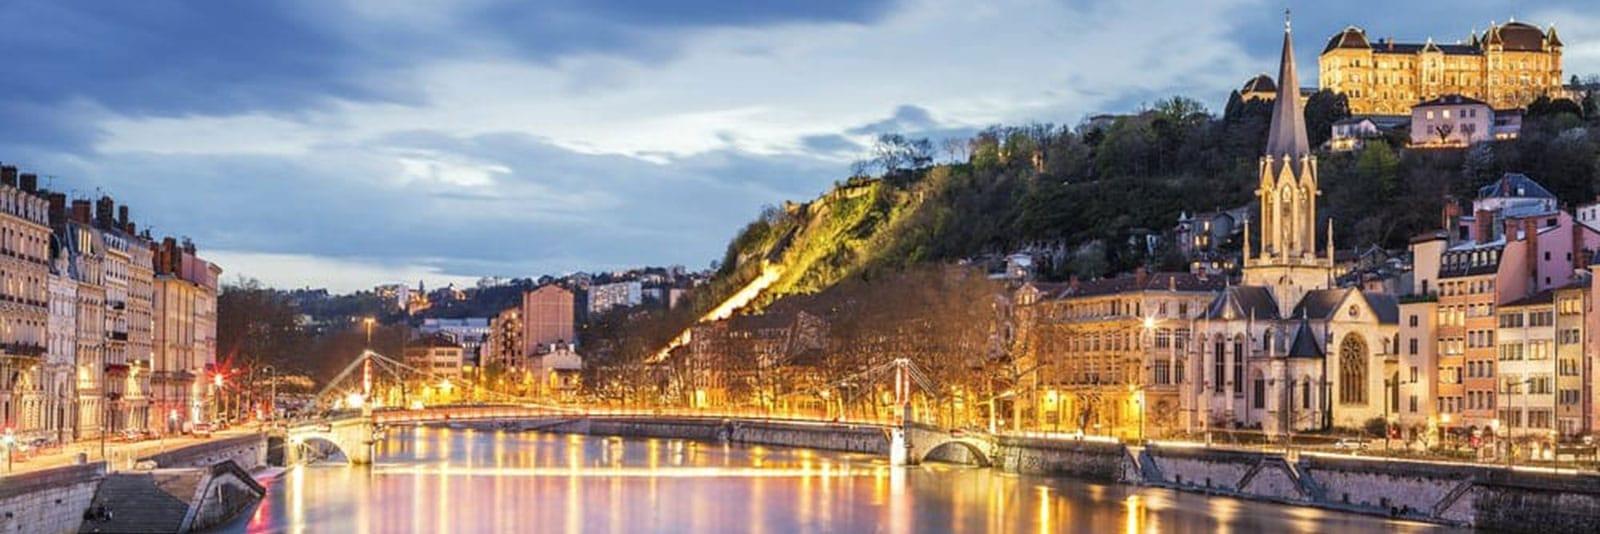 Lyon, region Auvergne-Rhône-Alpes